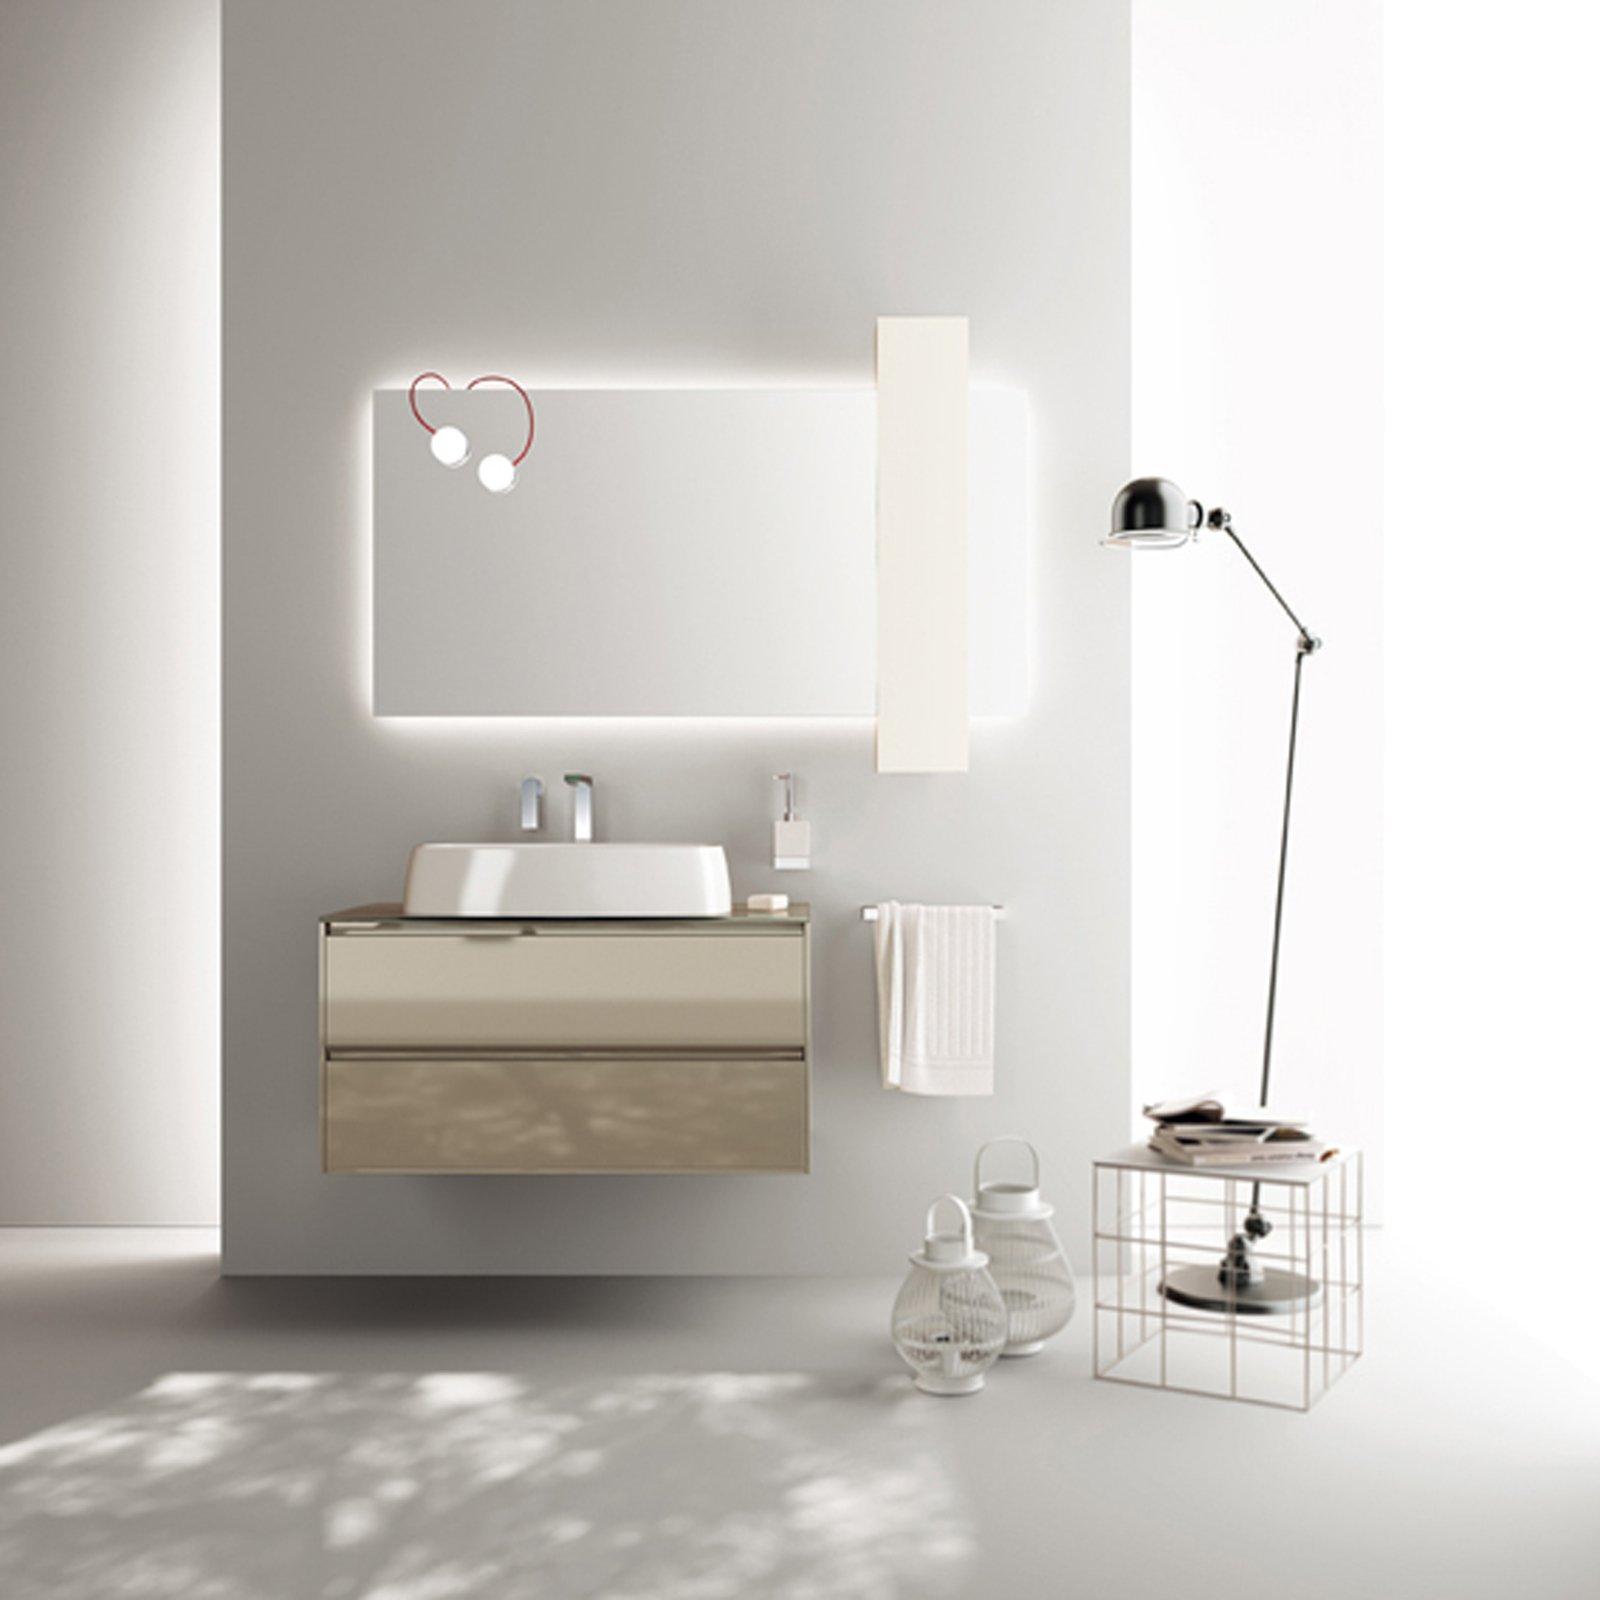 Specchi sopra il lavabo cose di casa - Ikea illuminazione bagno ...